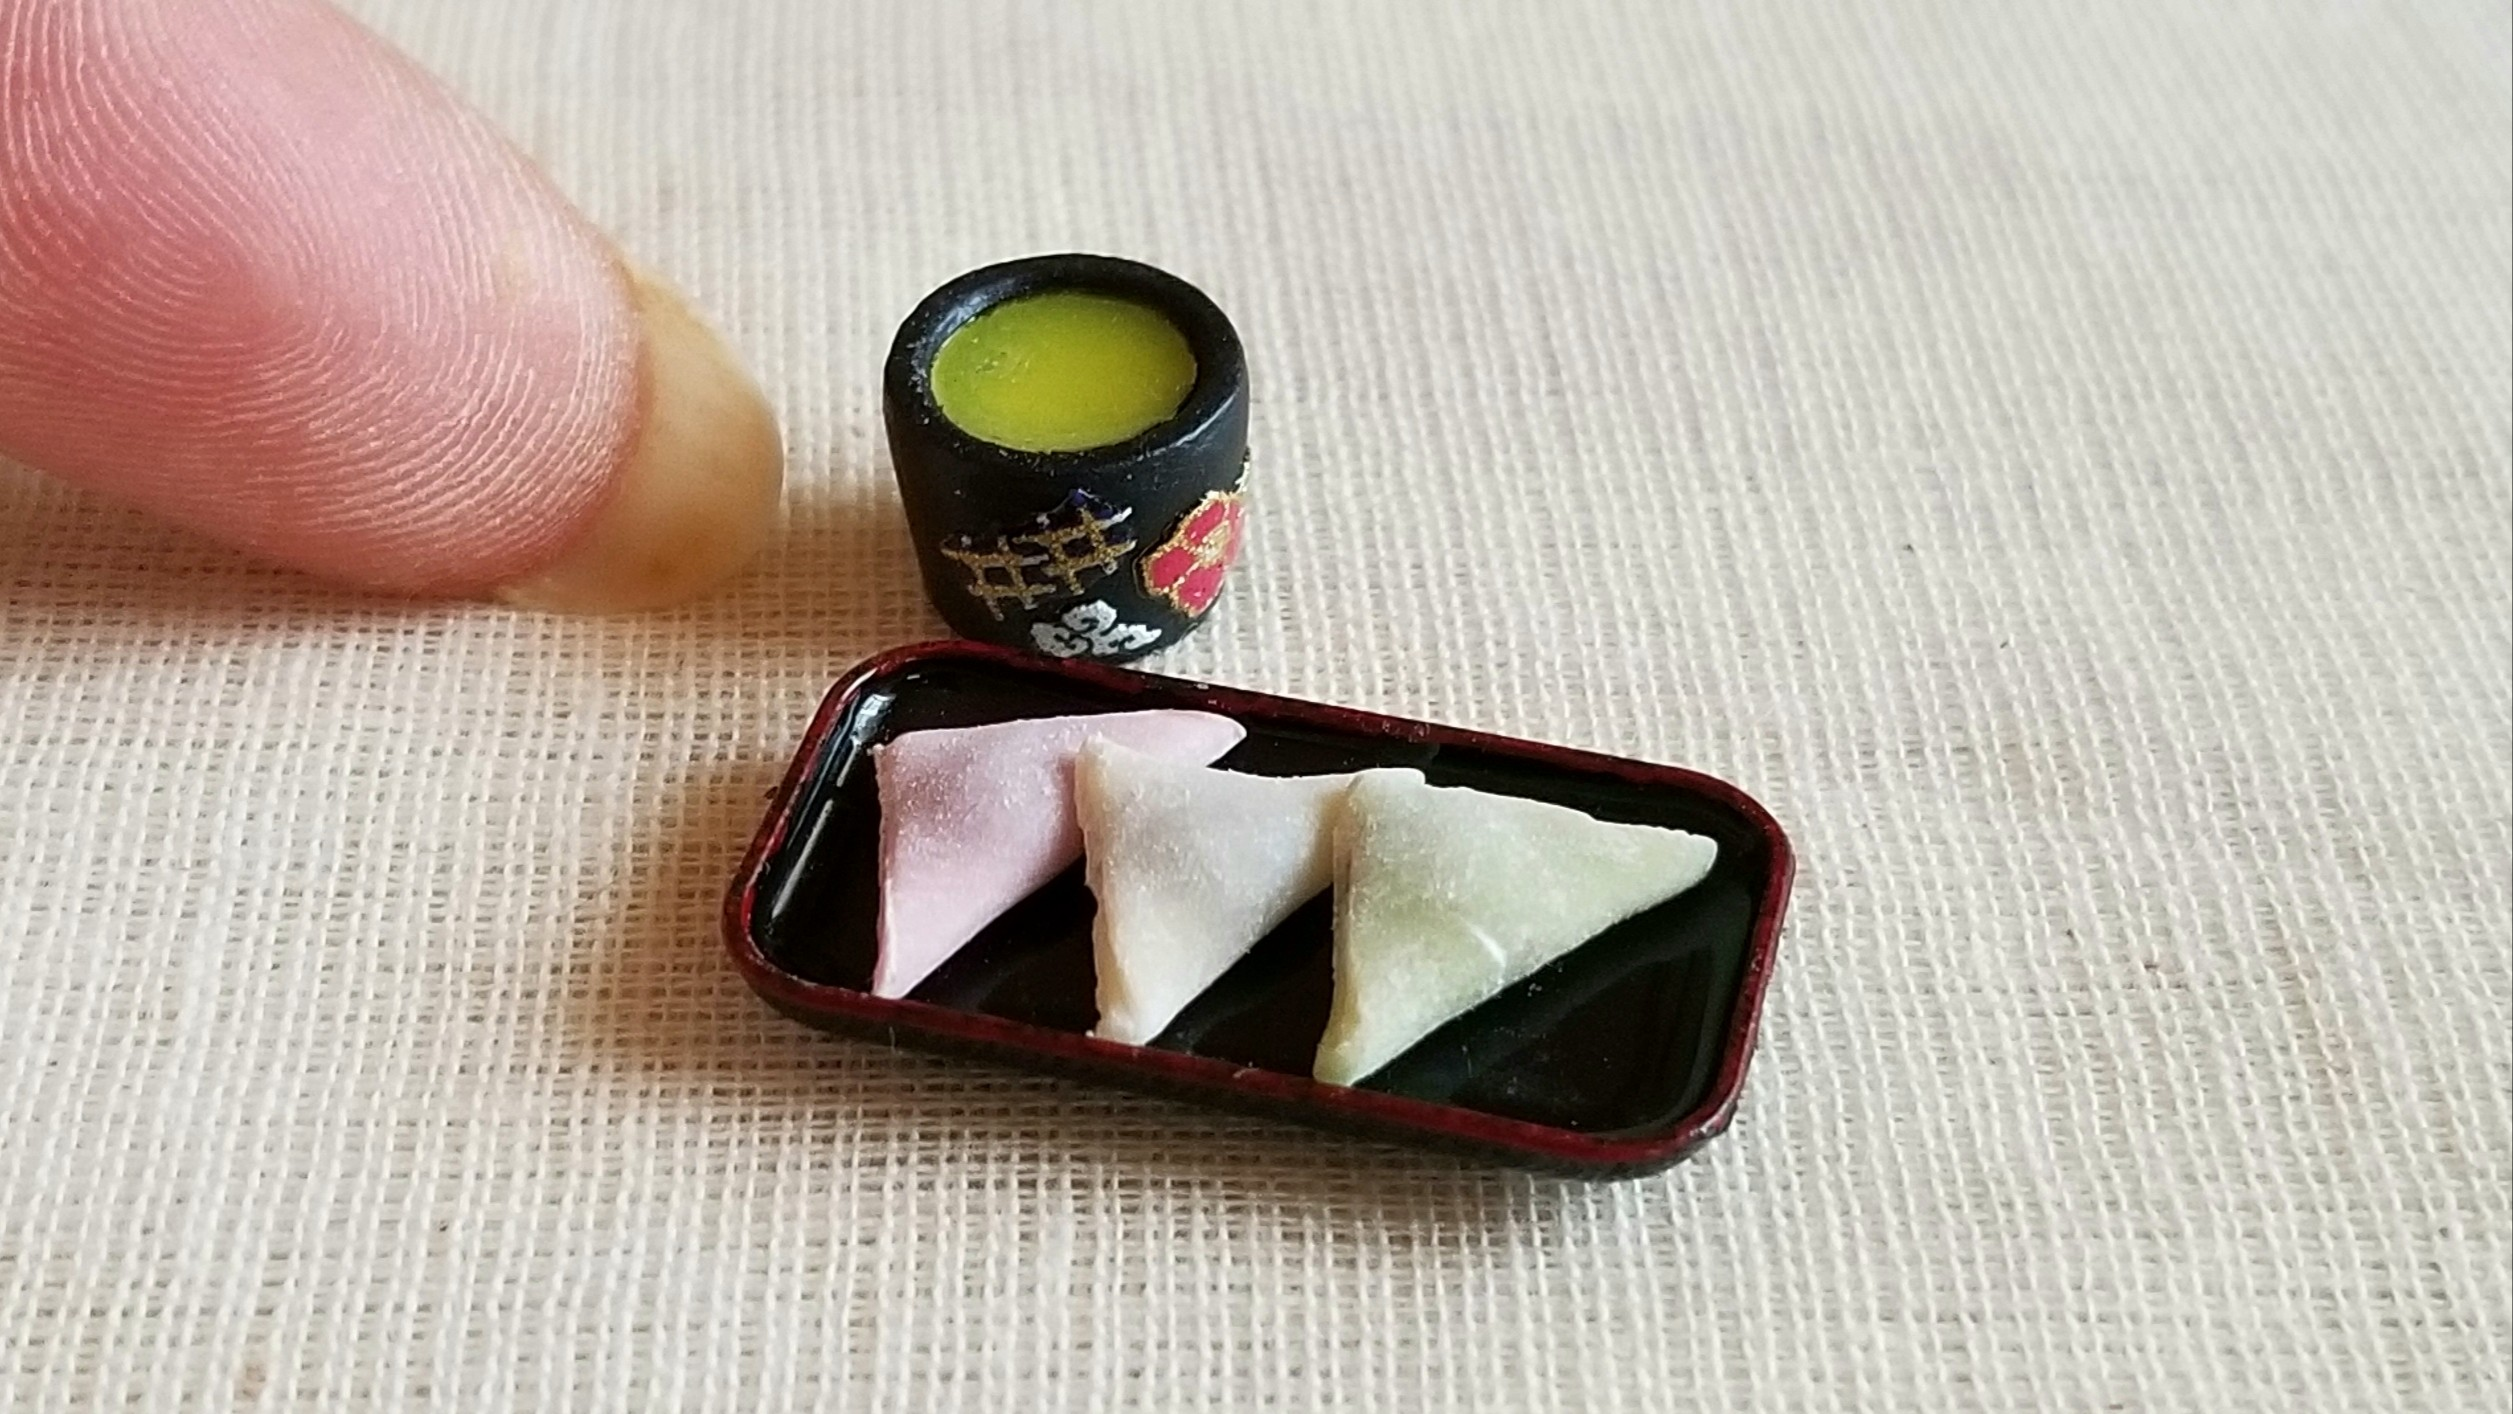 おいしいおすすめ人気和菓子生八ッ橋つお抹茶ミンネで販売中手作り